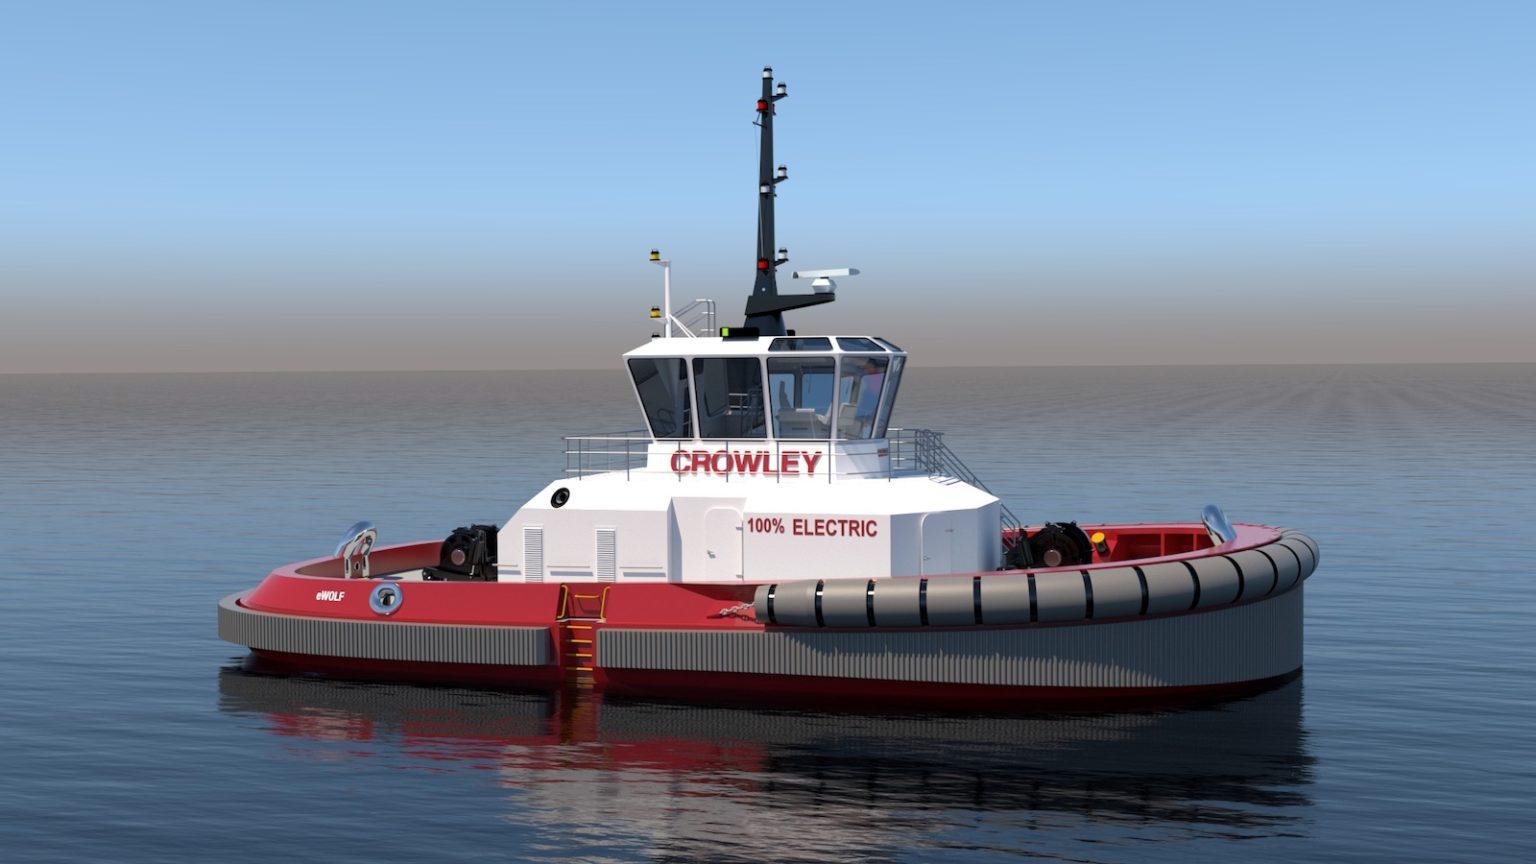 Crowley planea un remolcador eléctrico con cero emisiones